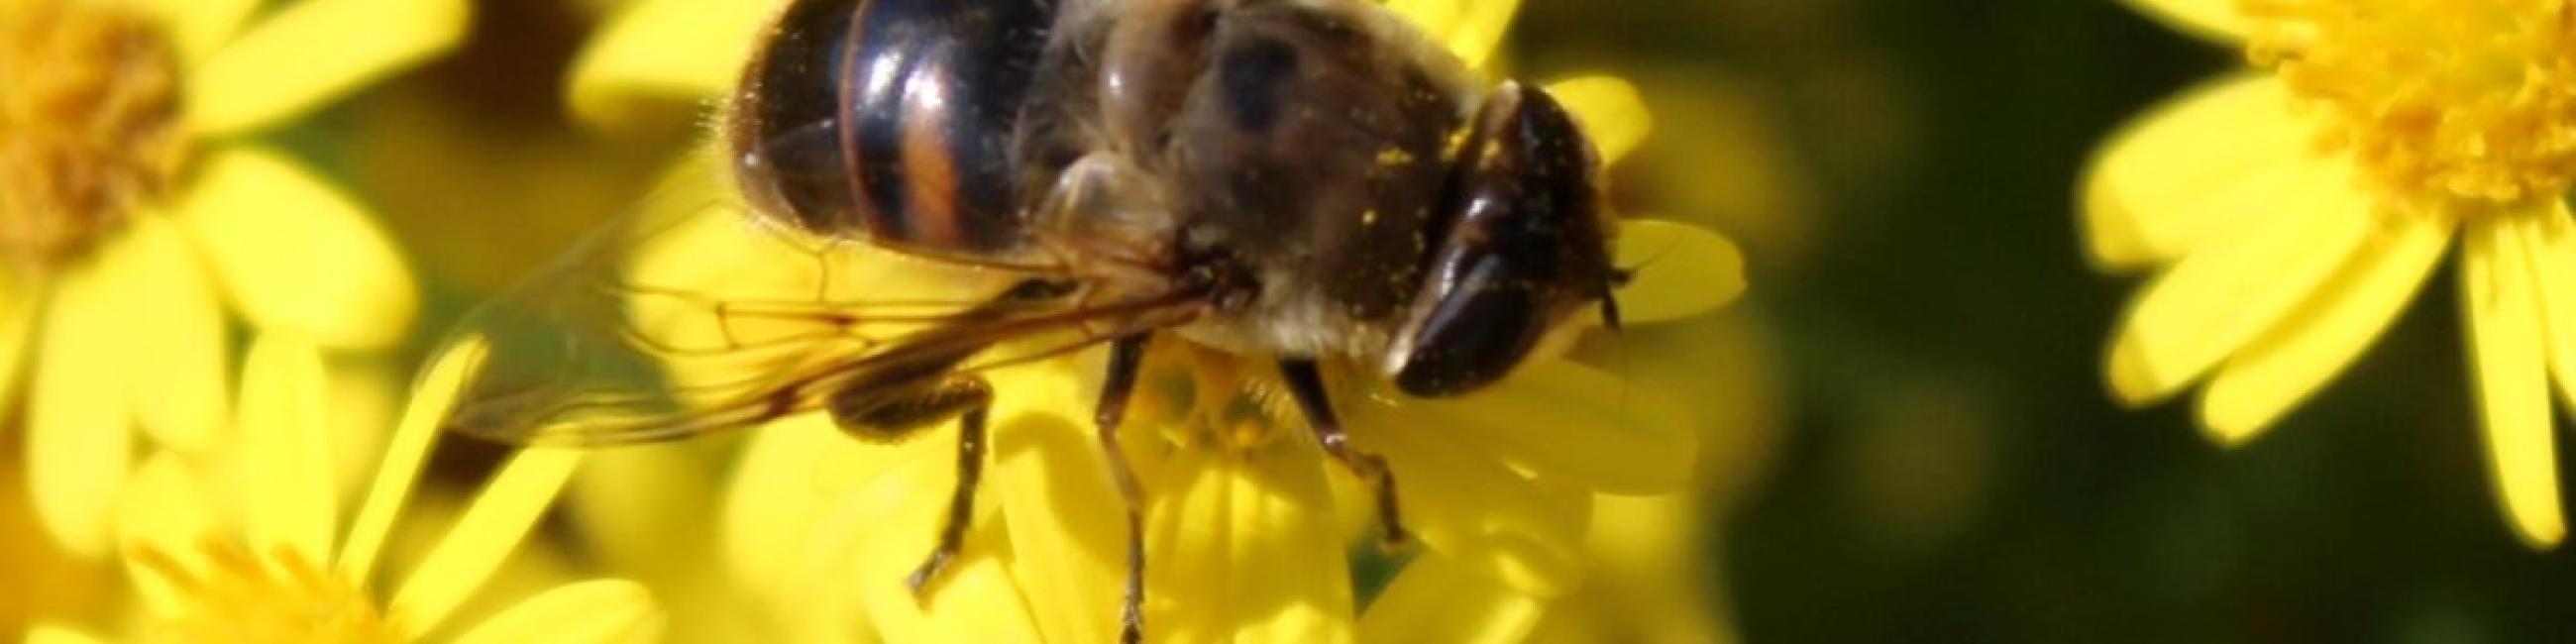 Bijenvriendelijke gemeente